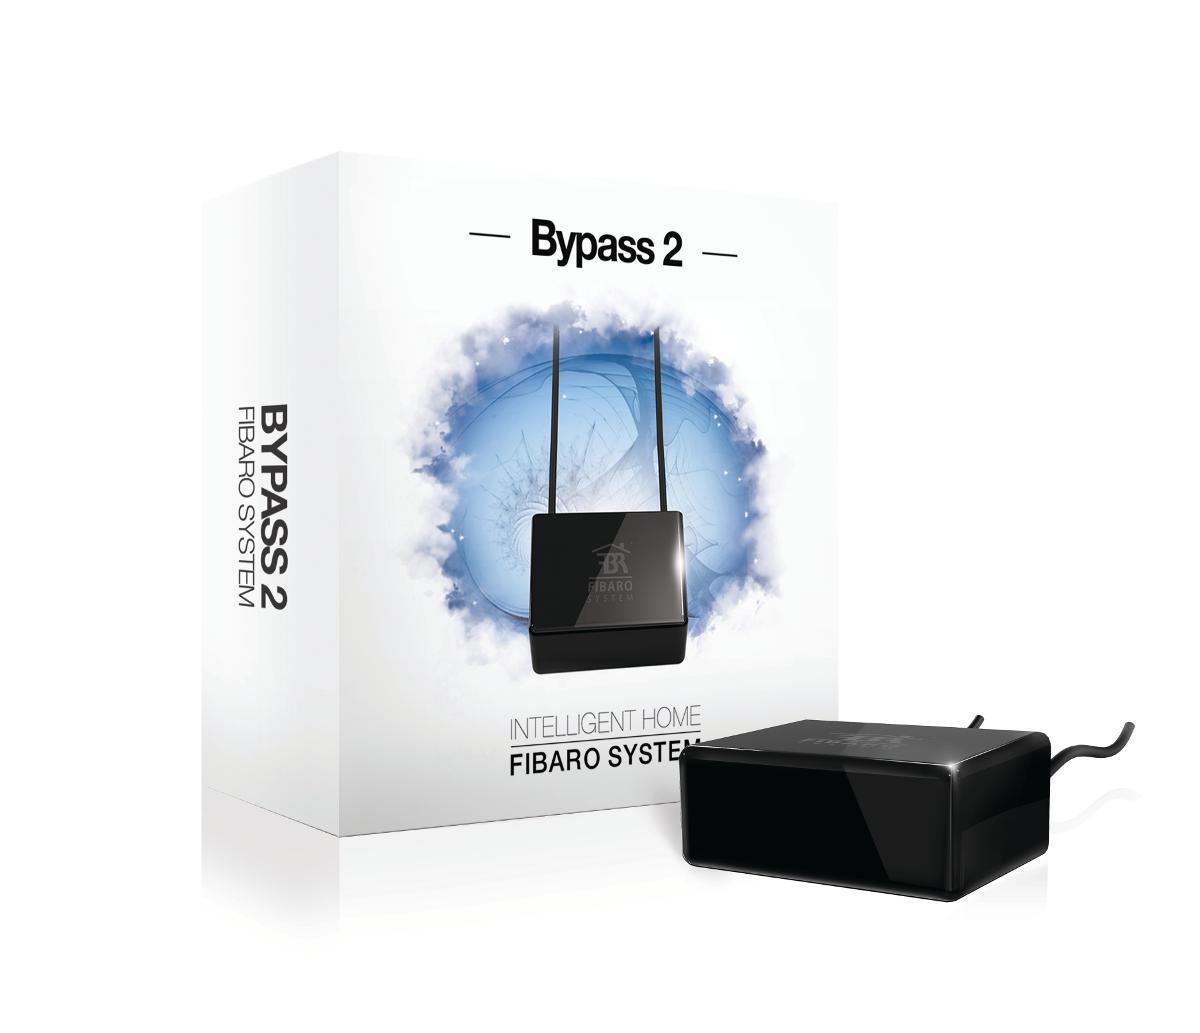 FIBARO Bypass 2